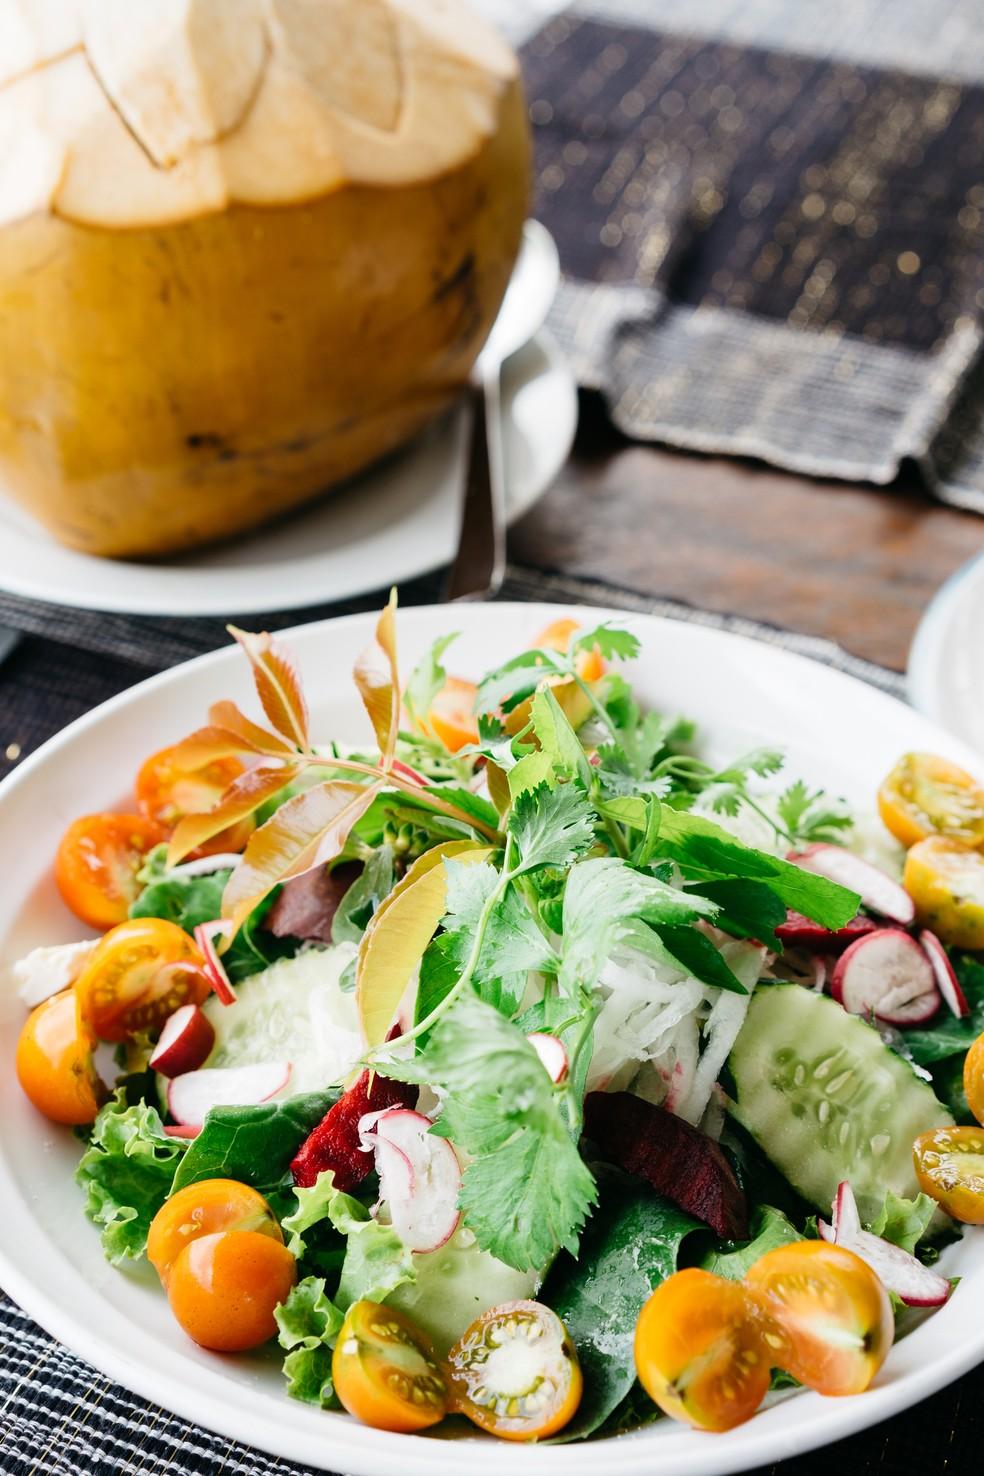 Salada verde com legumes é sempre uma ótima opção para compor uma refeição — Foto: Unsplash/Divulgação